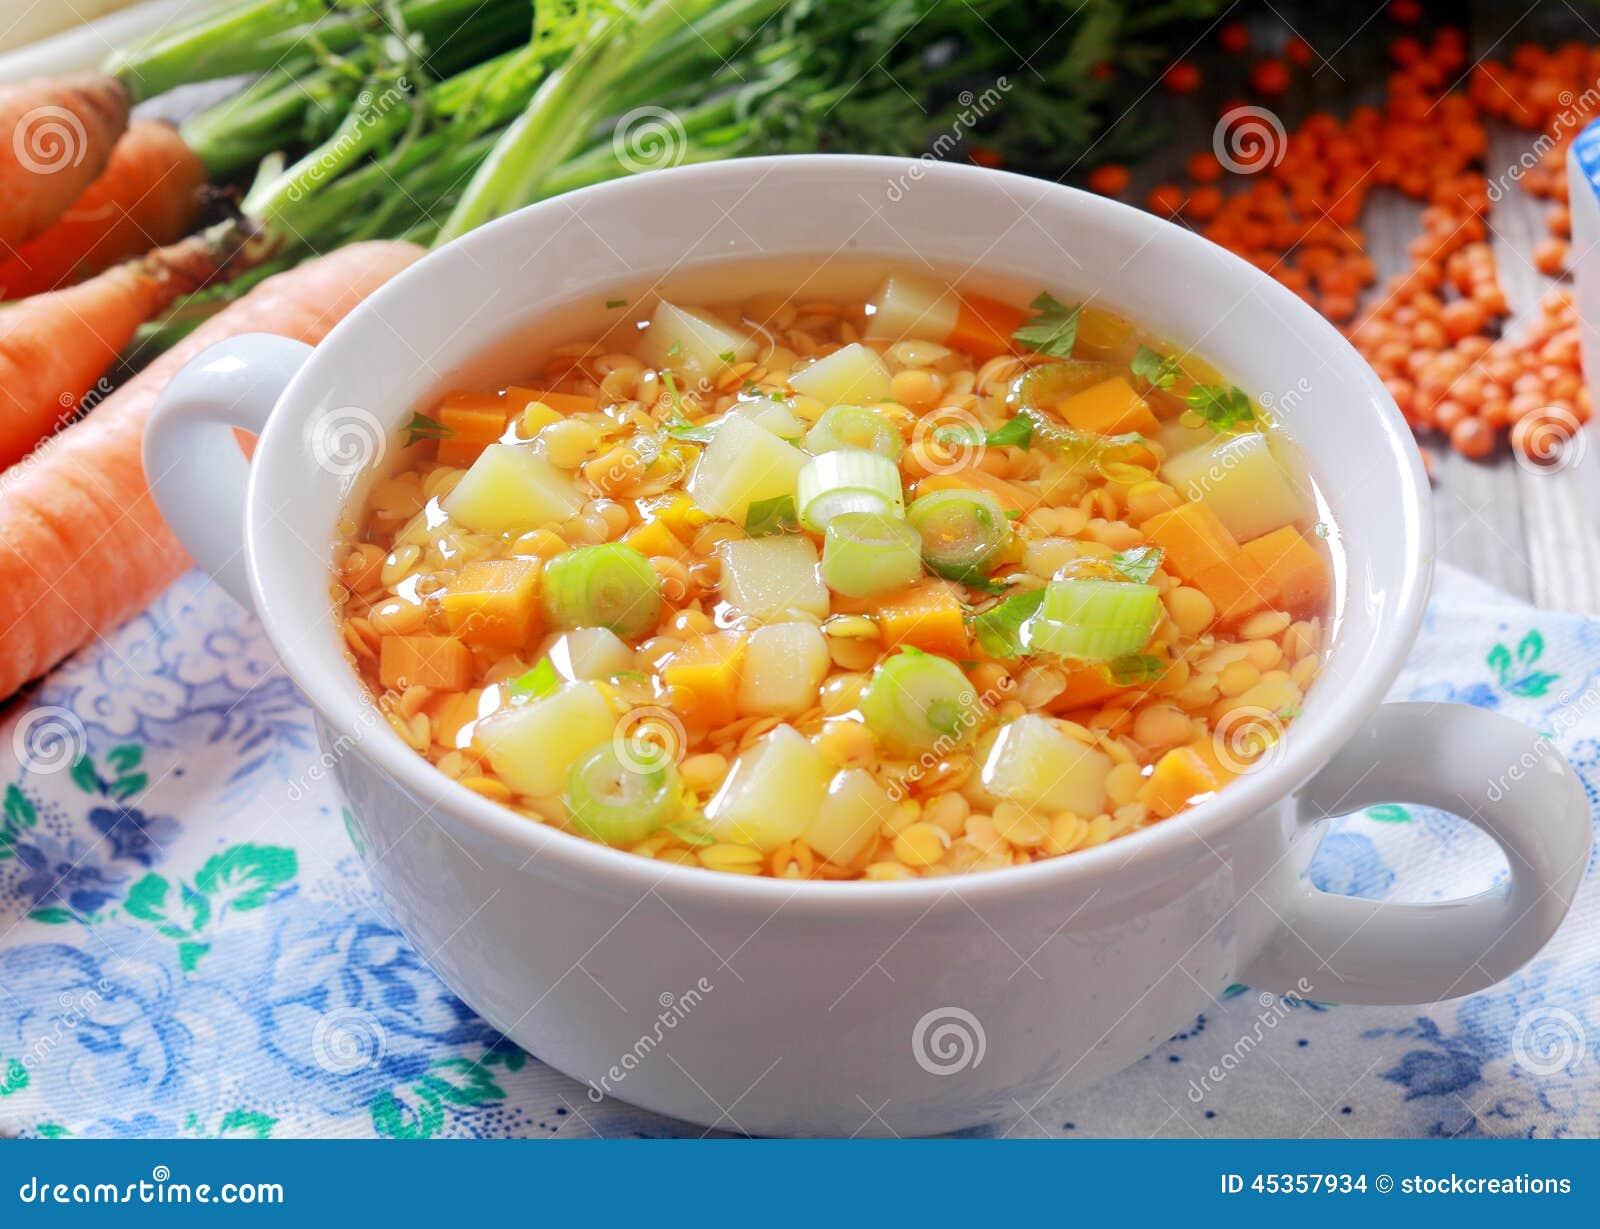 Potage aux légumes avec les carottes, le poireau et les lentilles